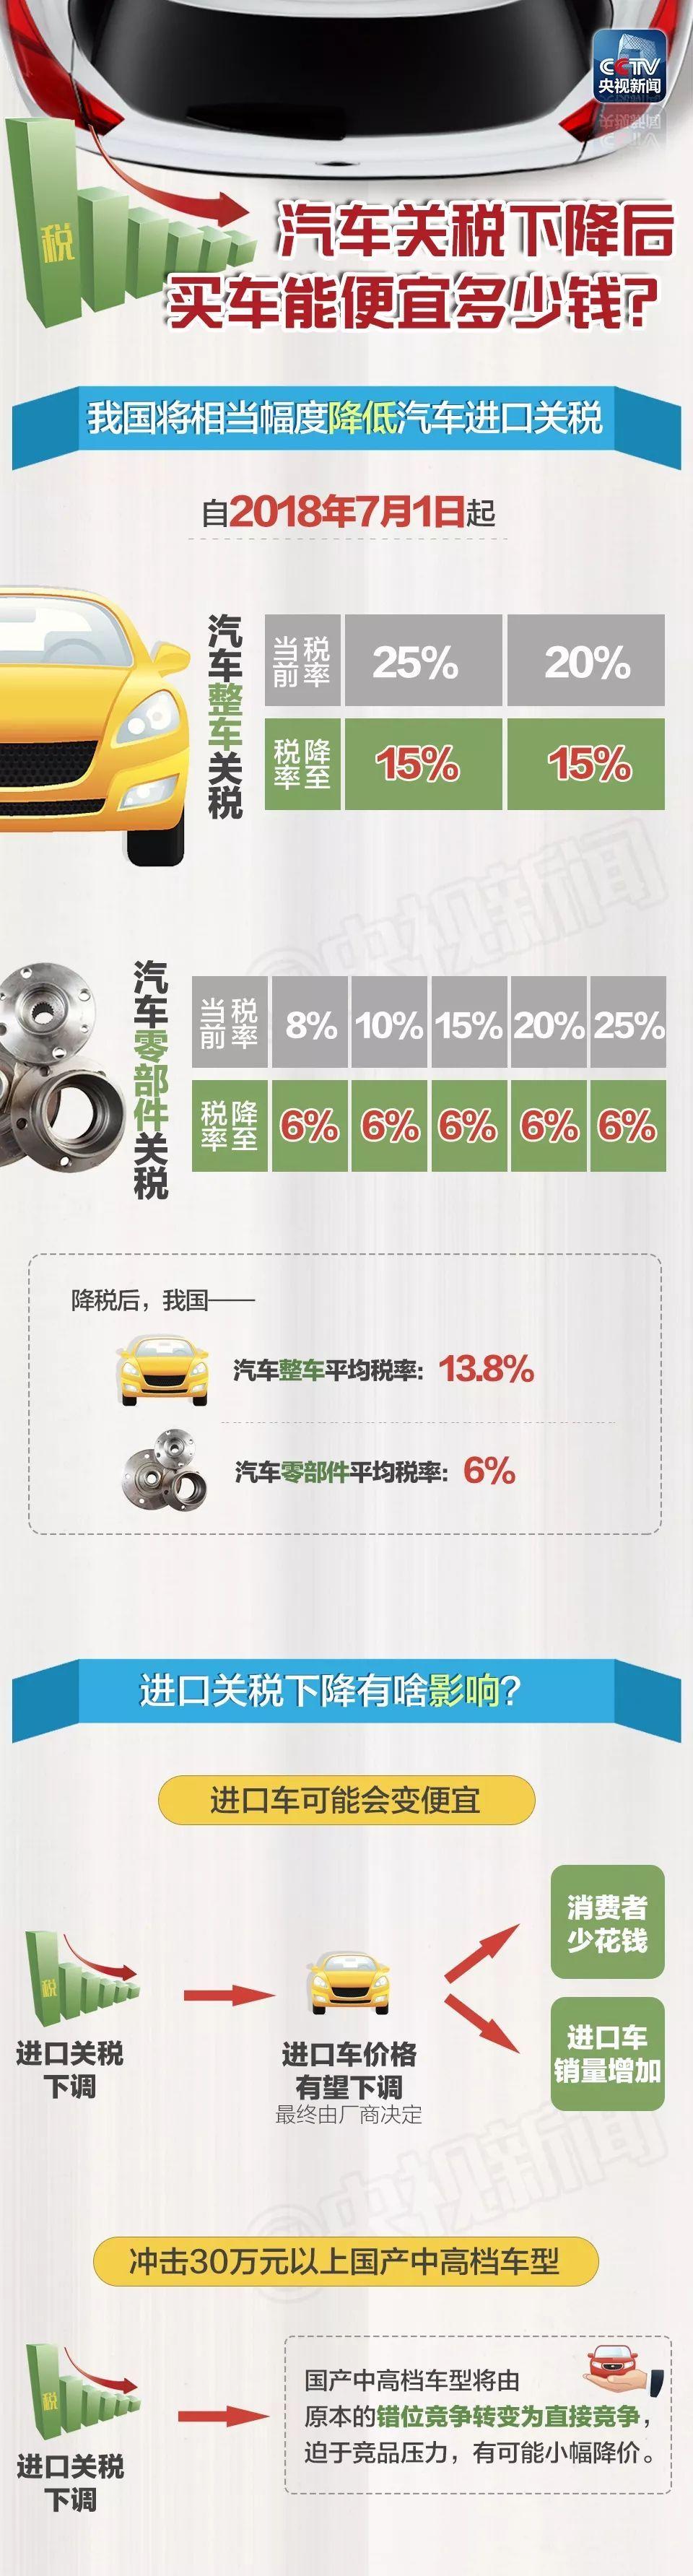 解读 | 汽车进口关税下降,一图看懂你要花多少钱?